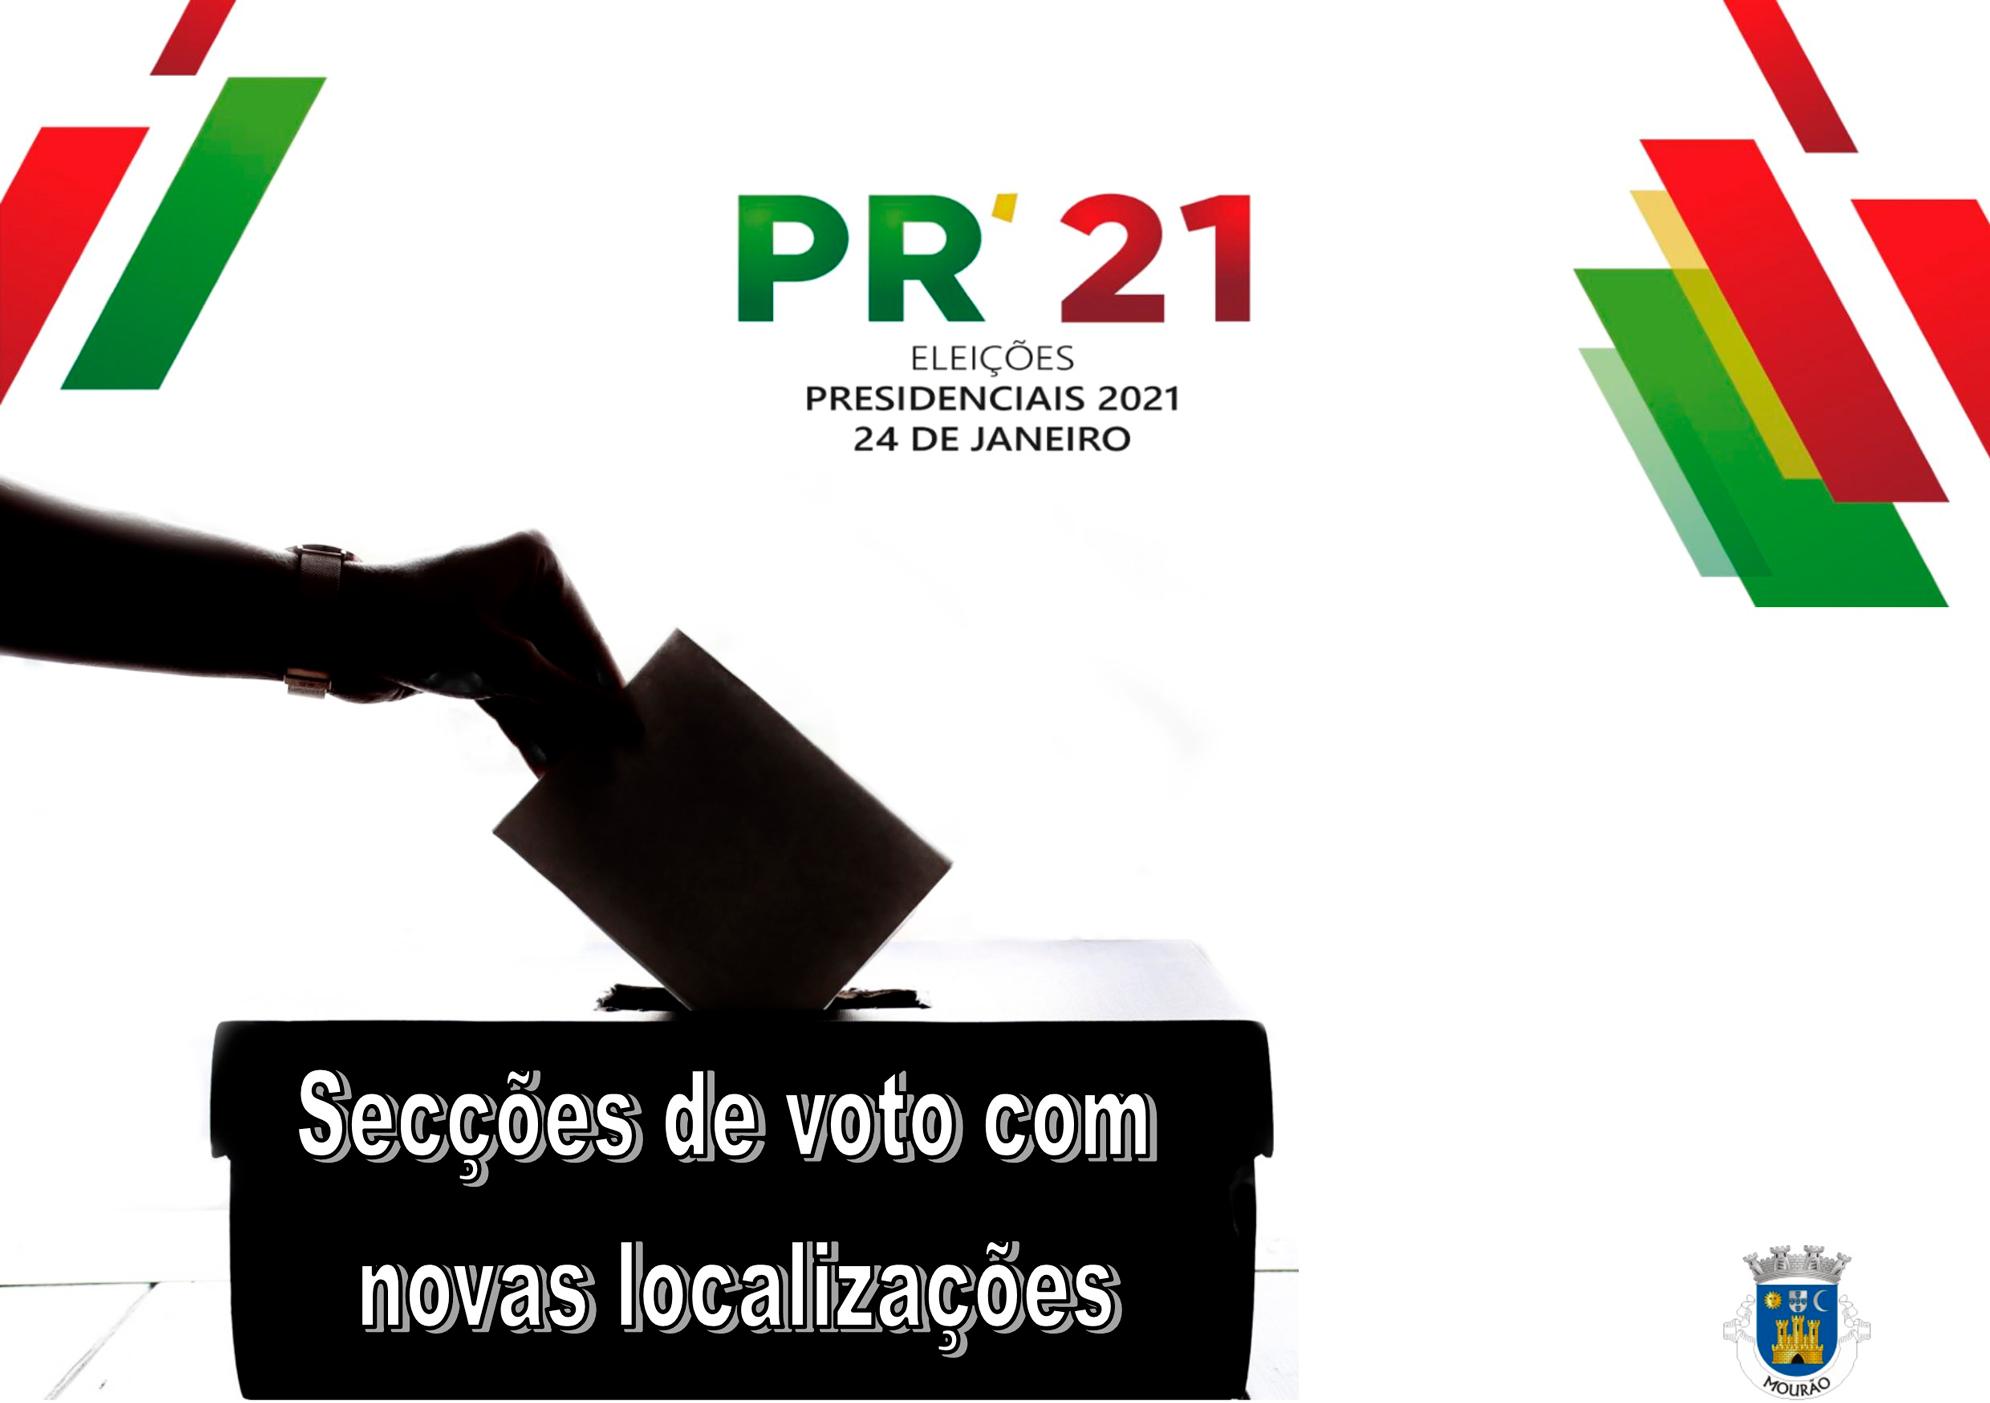 Secções de voto com novas localizações